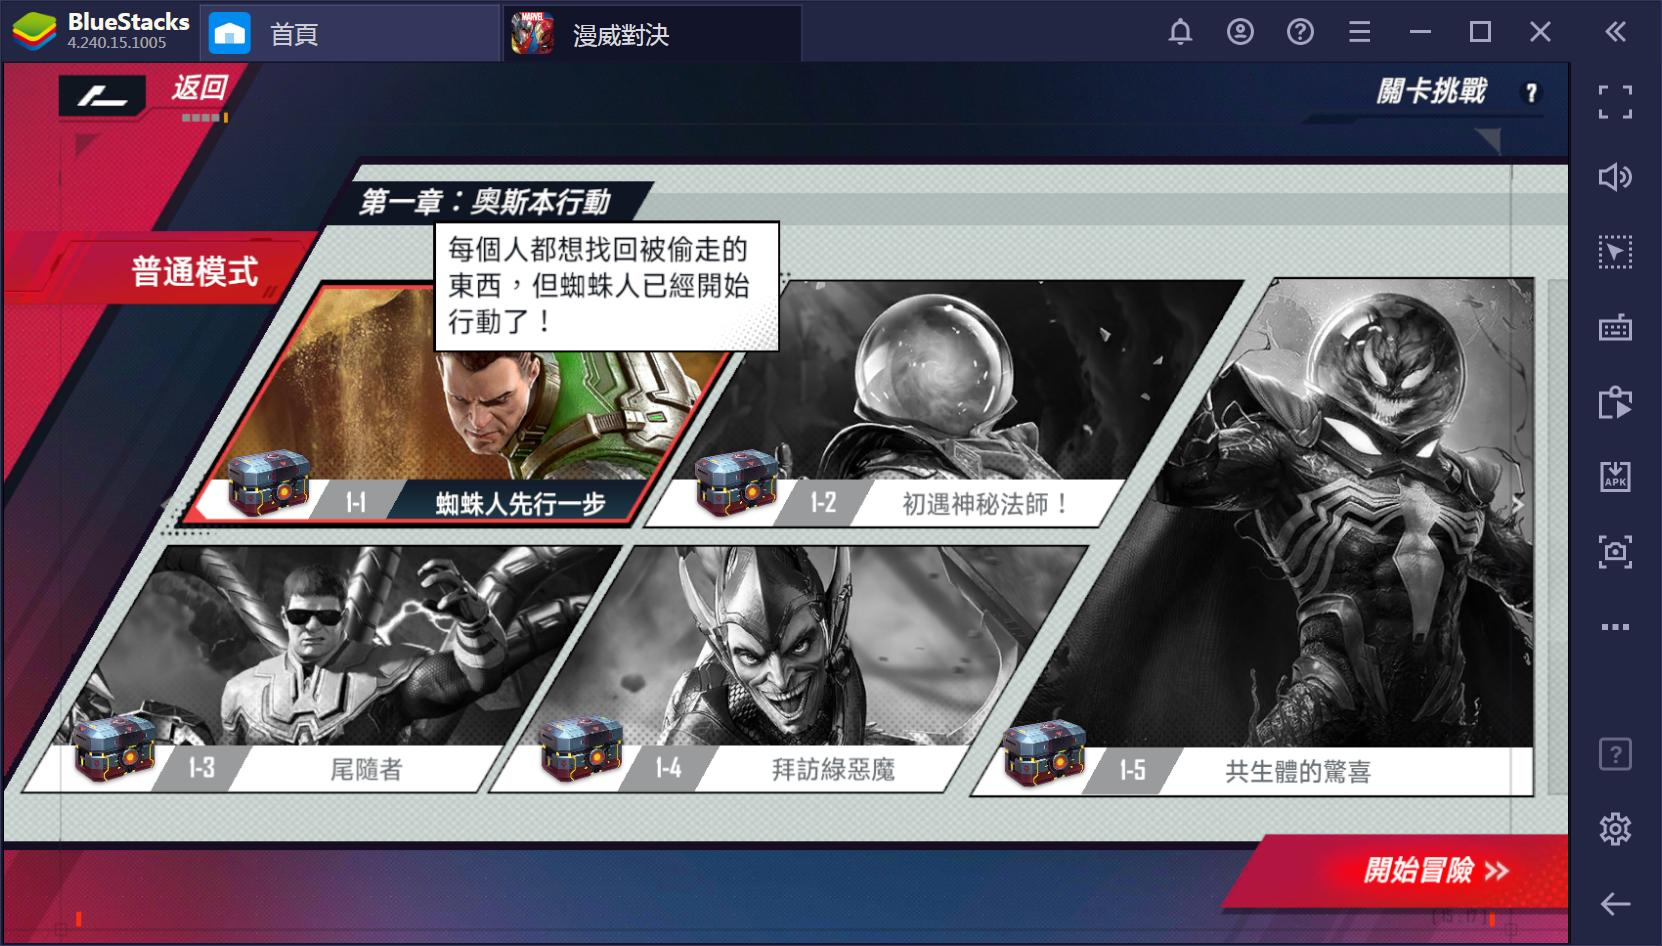 《漫威對決》英雄試煉場與關卡挑戰演示攻略(部分)